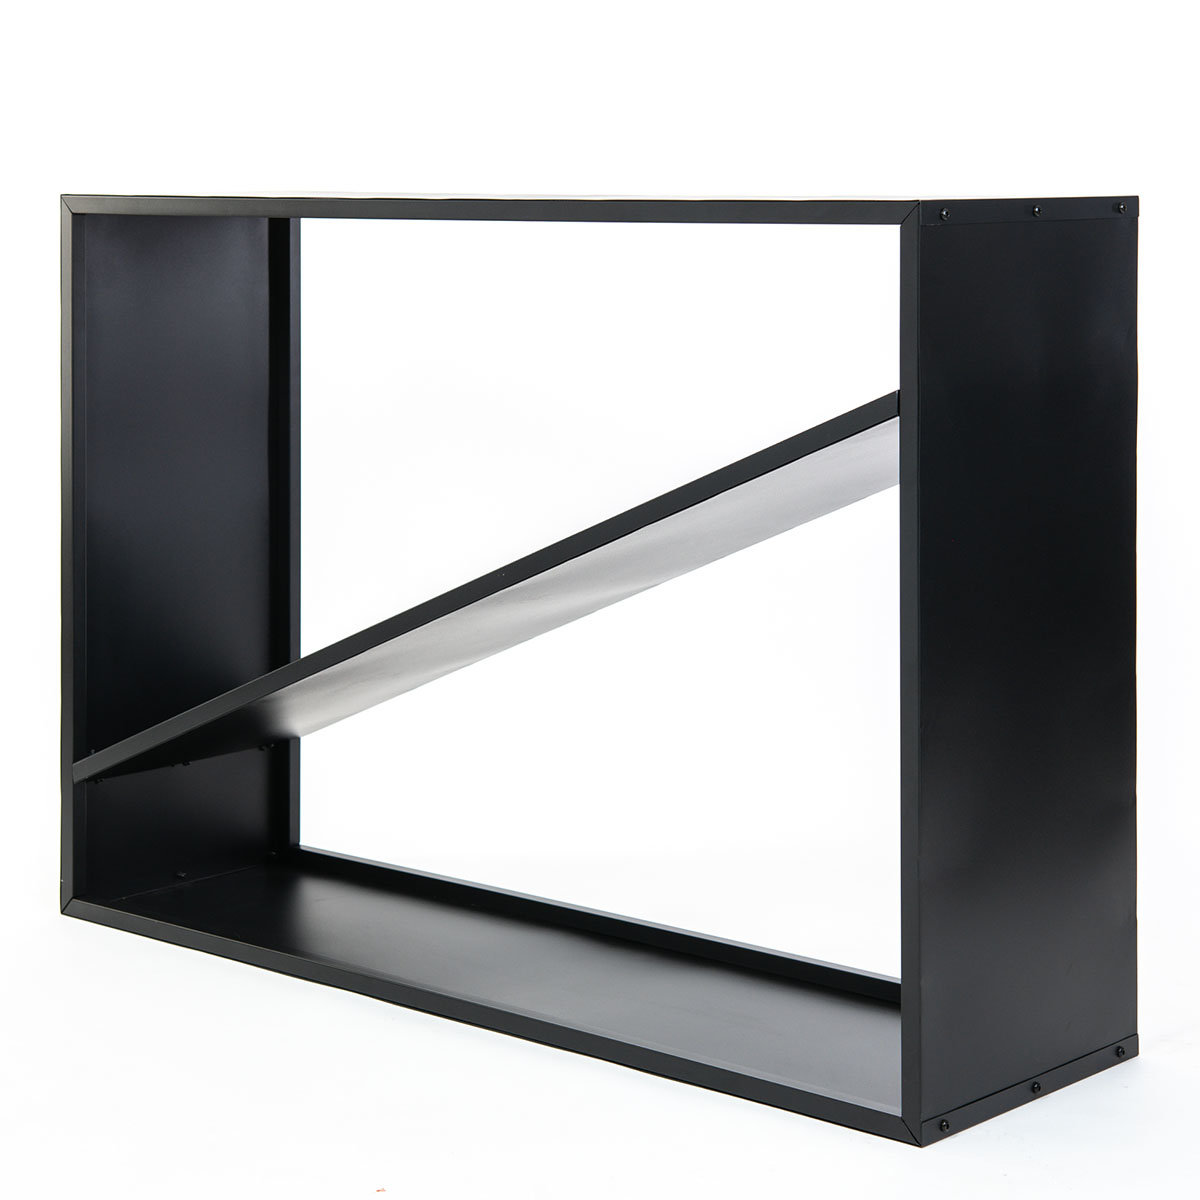 Kaminholzregal 115x35x80 cm, schwarz | #5